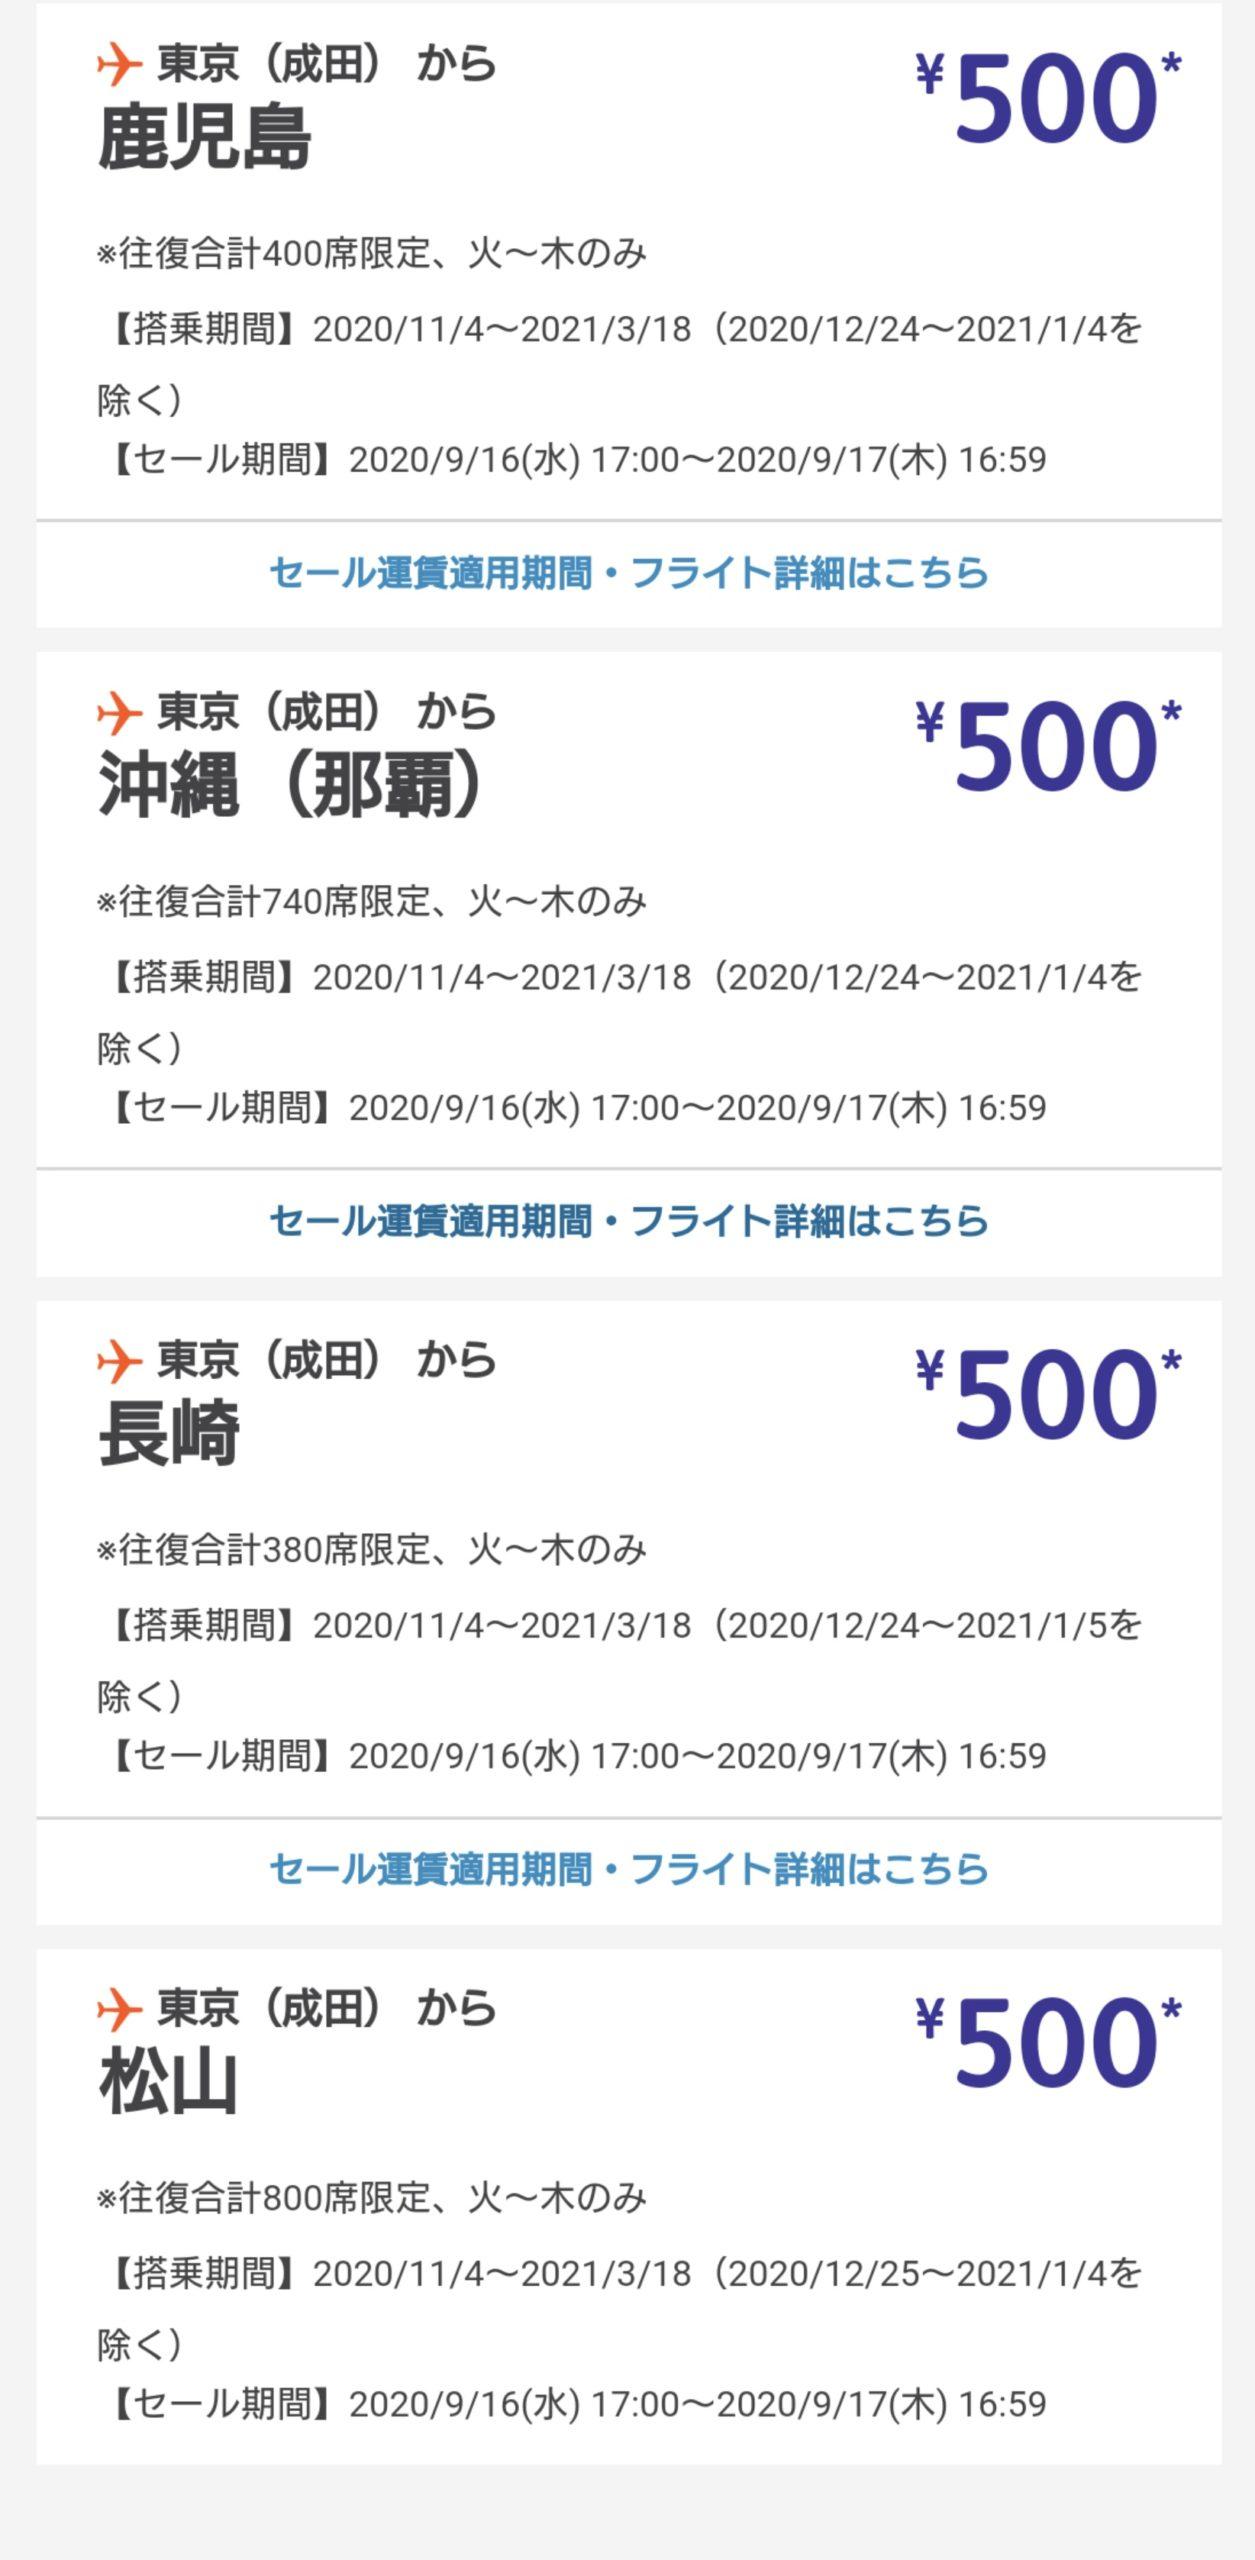 【価格崩壊】航空券が捨て身の激安に 成田から各方面が500円